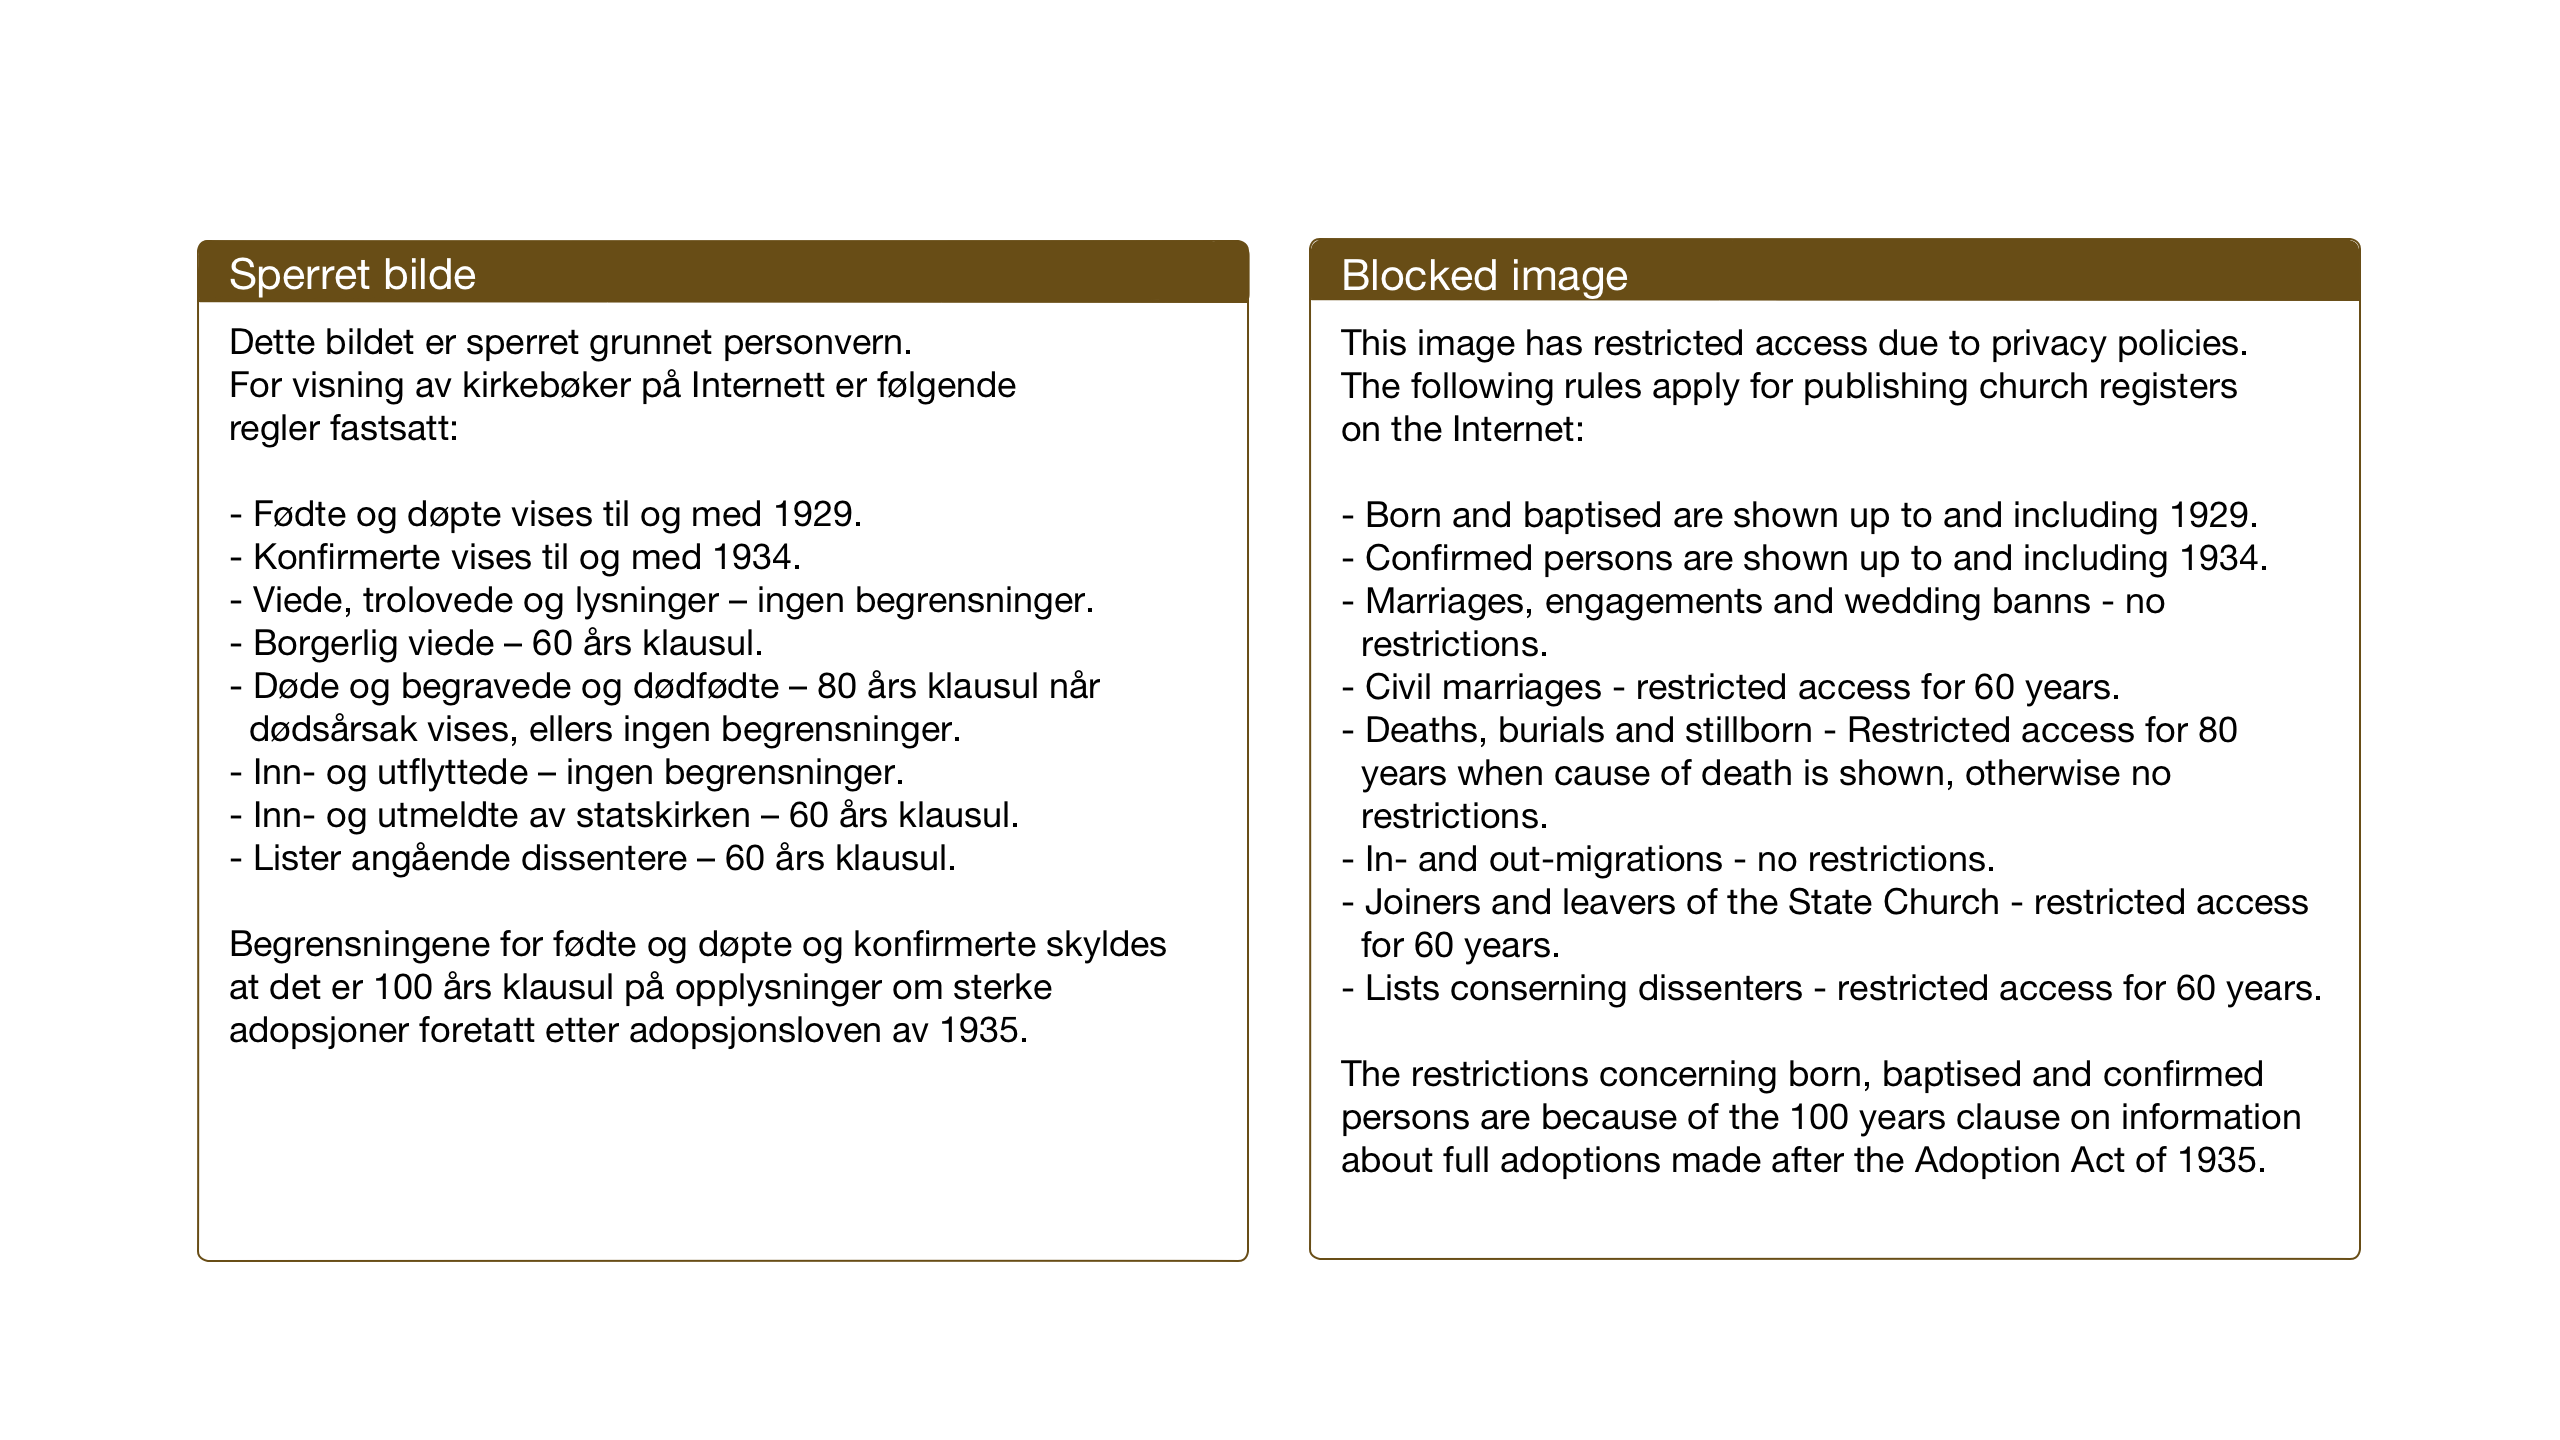 SAT, Ministerialprotokoller, klokkerbøker og fødselsregistre - Sør-Trøndelag, 621/L0462: Klokkerbok nr. 621C05, 1915-1945, s. 52